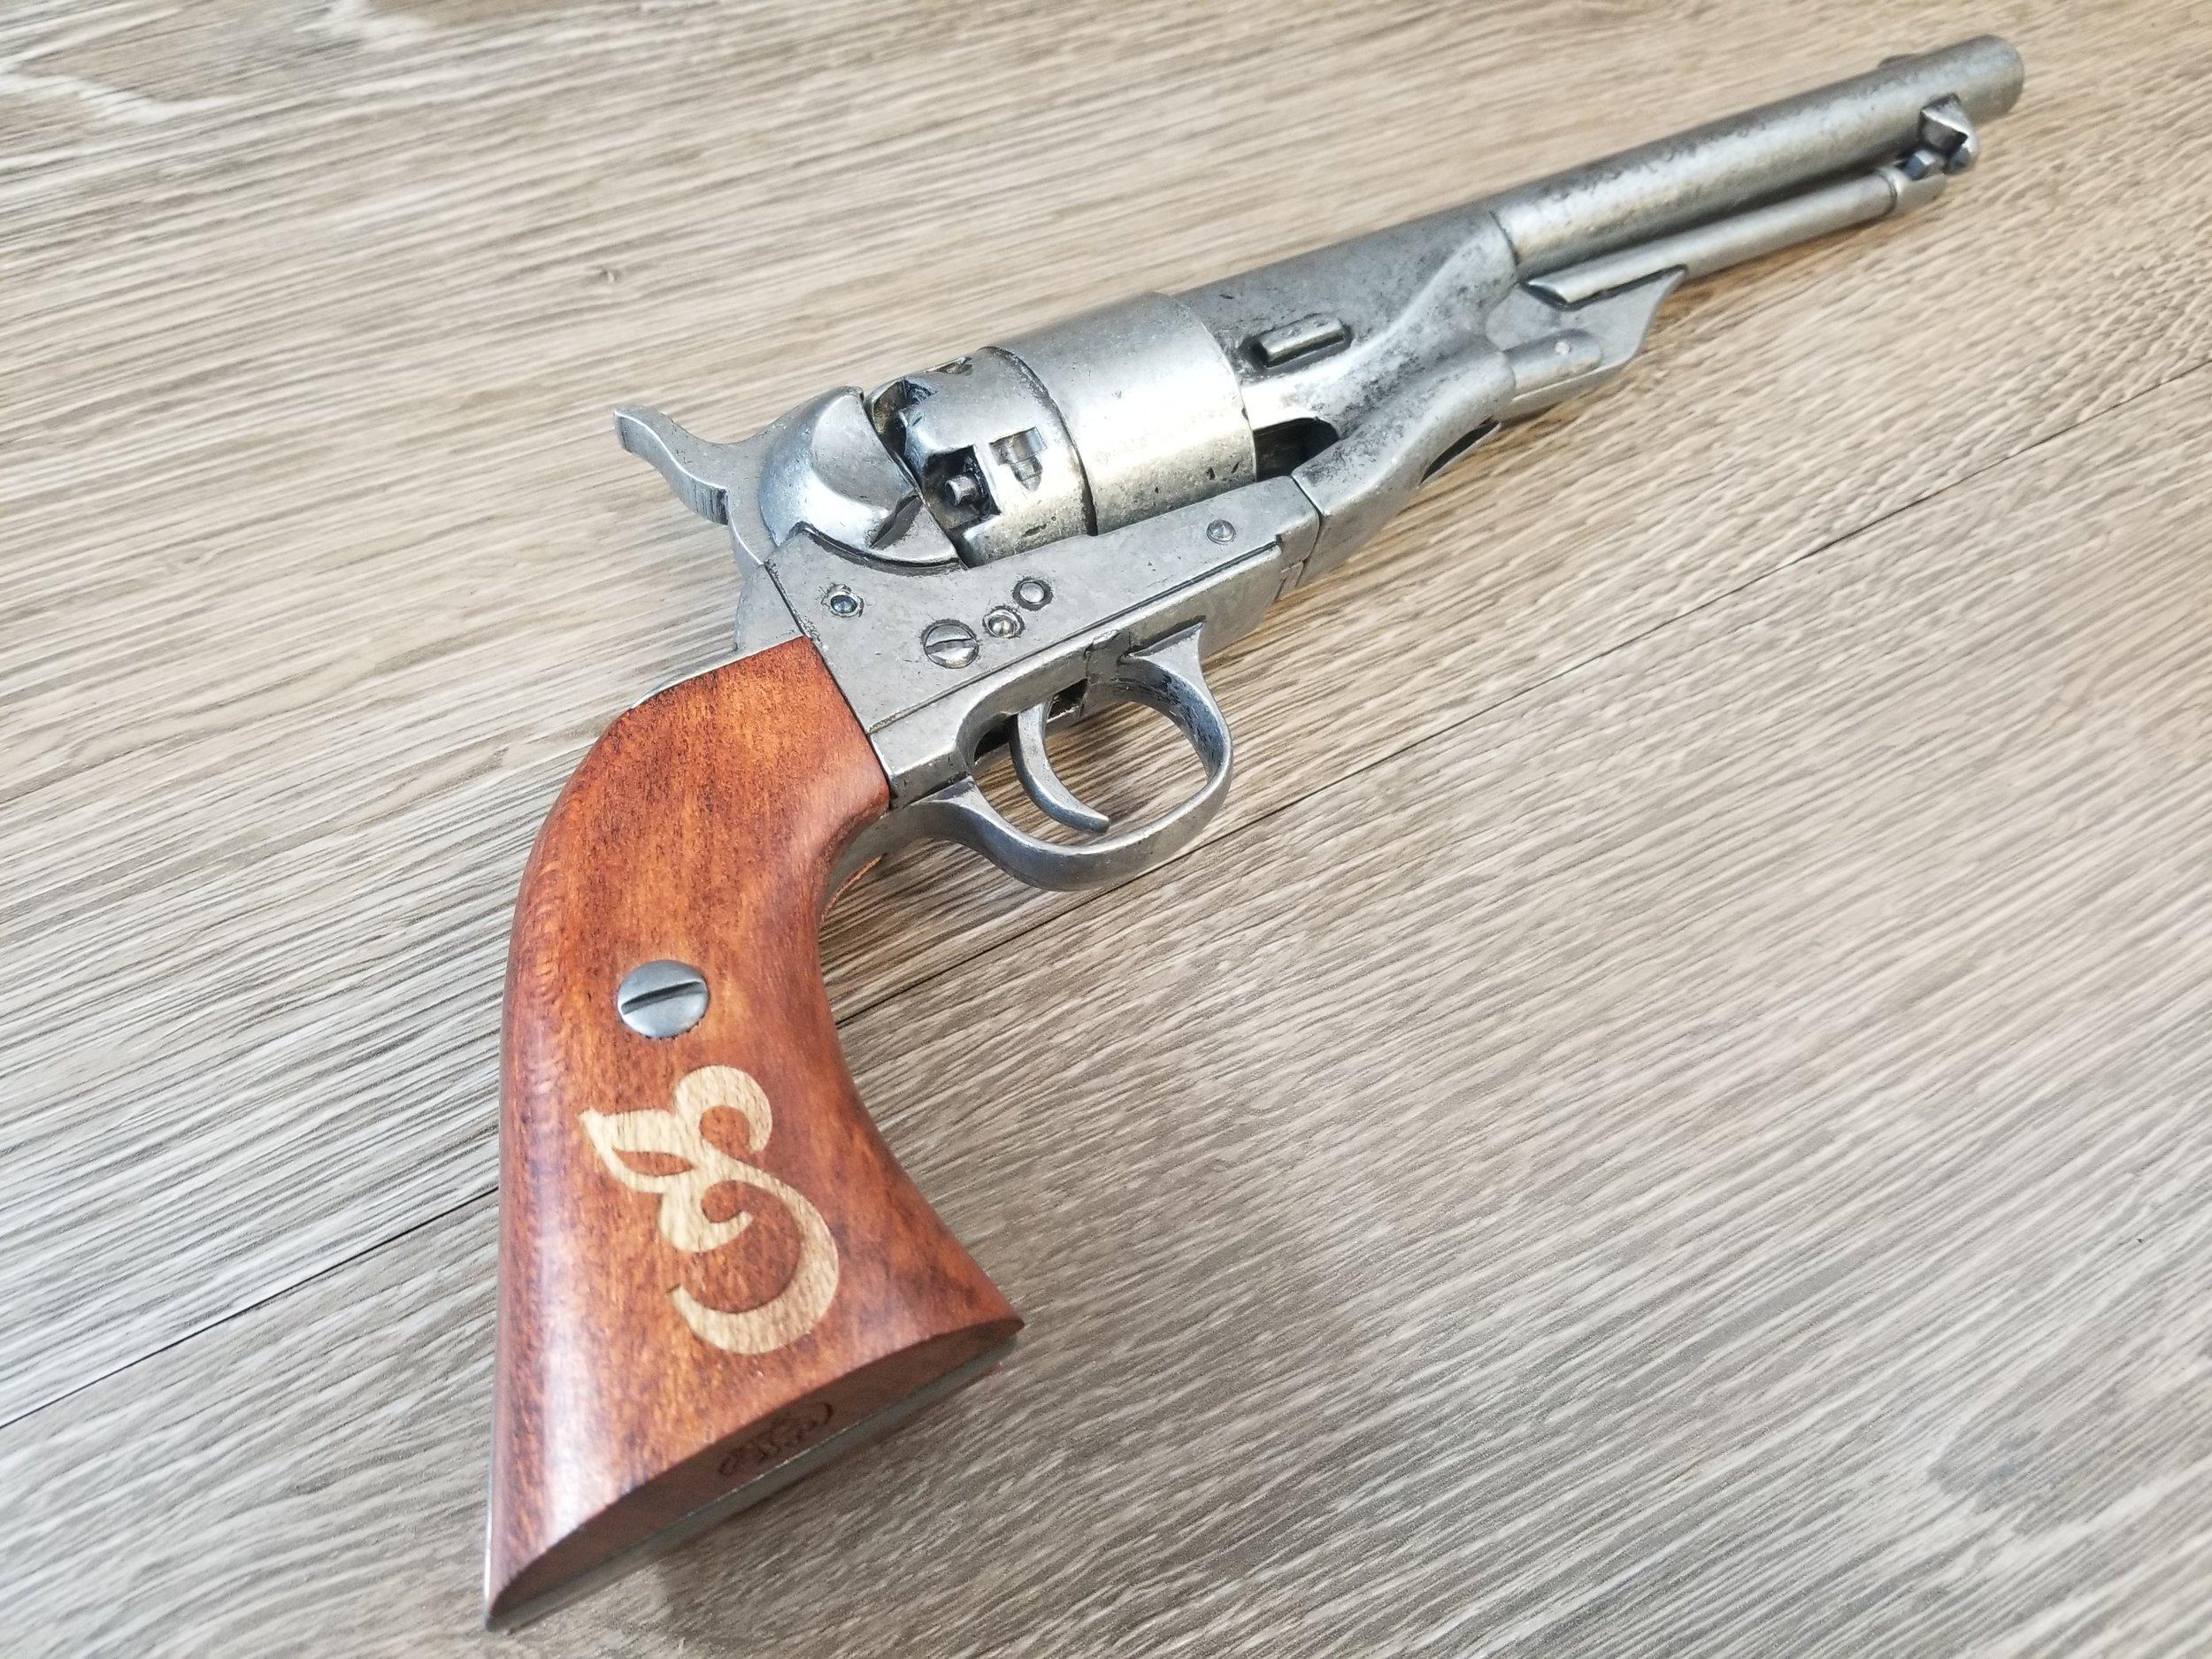 Laser Engraved Pistol Grip - Engraved Pistol Grip - Firearm Engraving - Firearm Personalization - Engrave It Houston Firearms